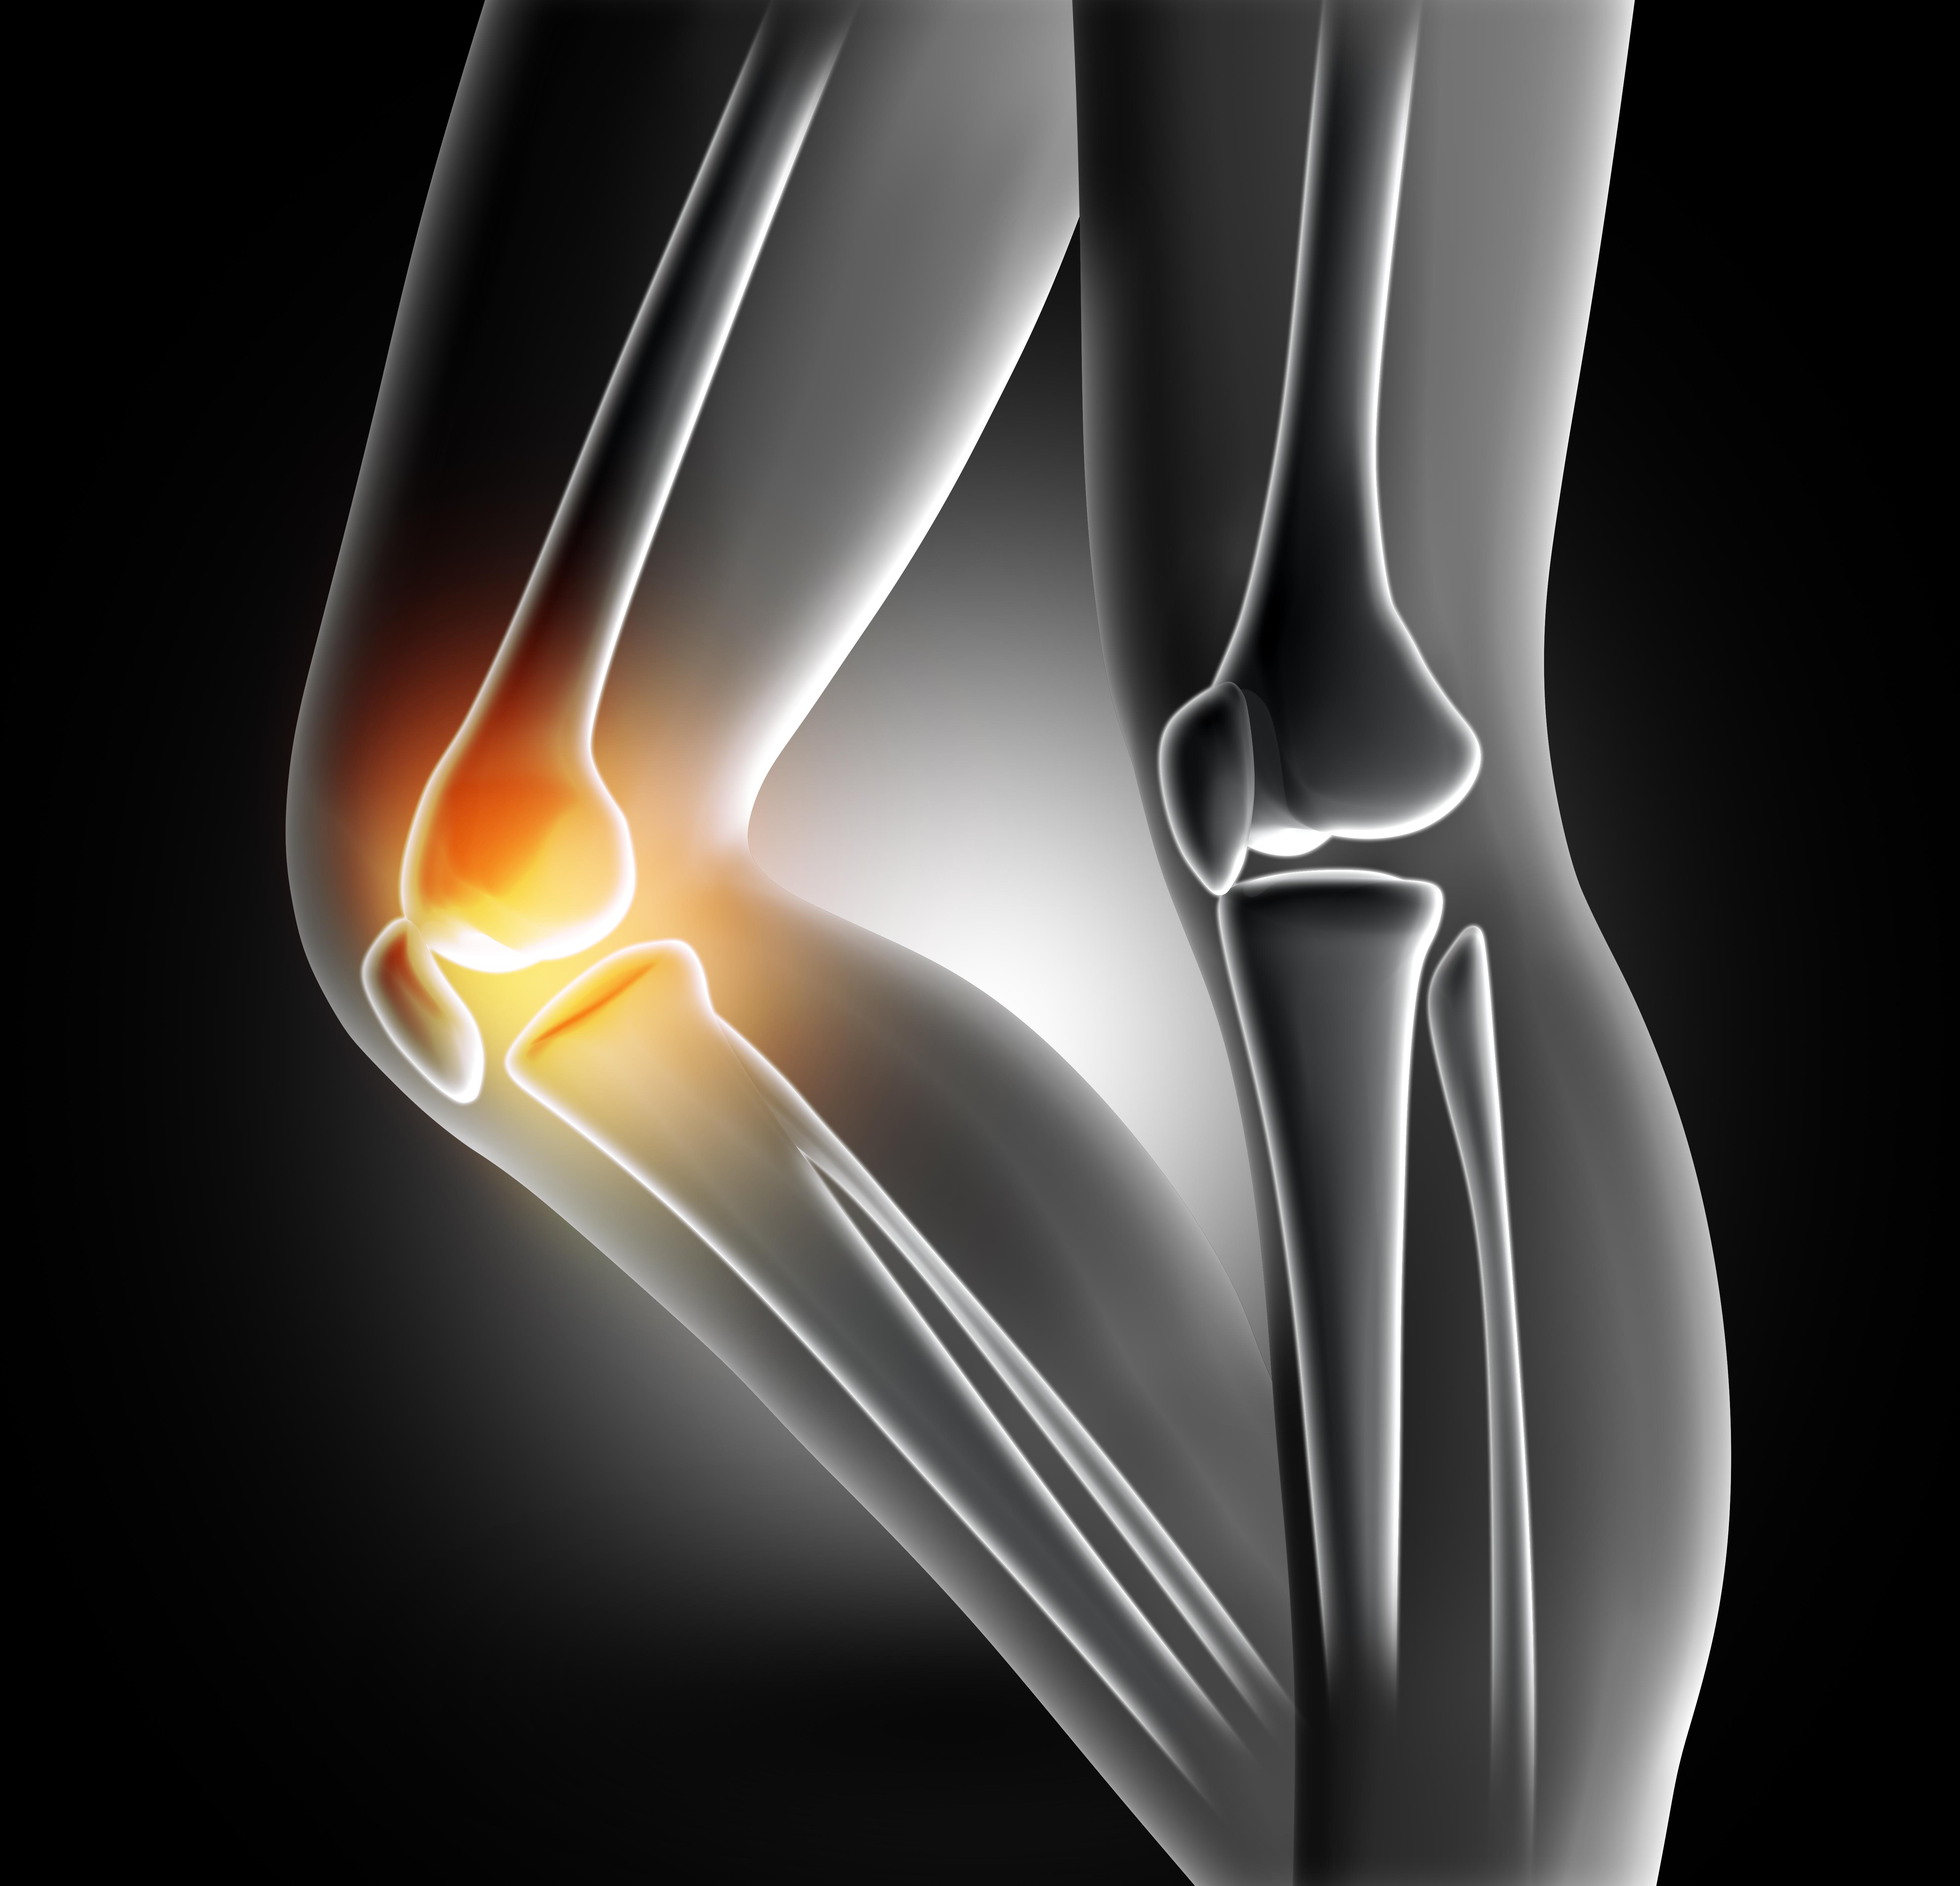 膝の痛みを楽にする方法を学ぼう!at 尼崎